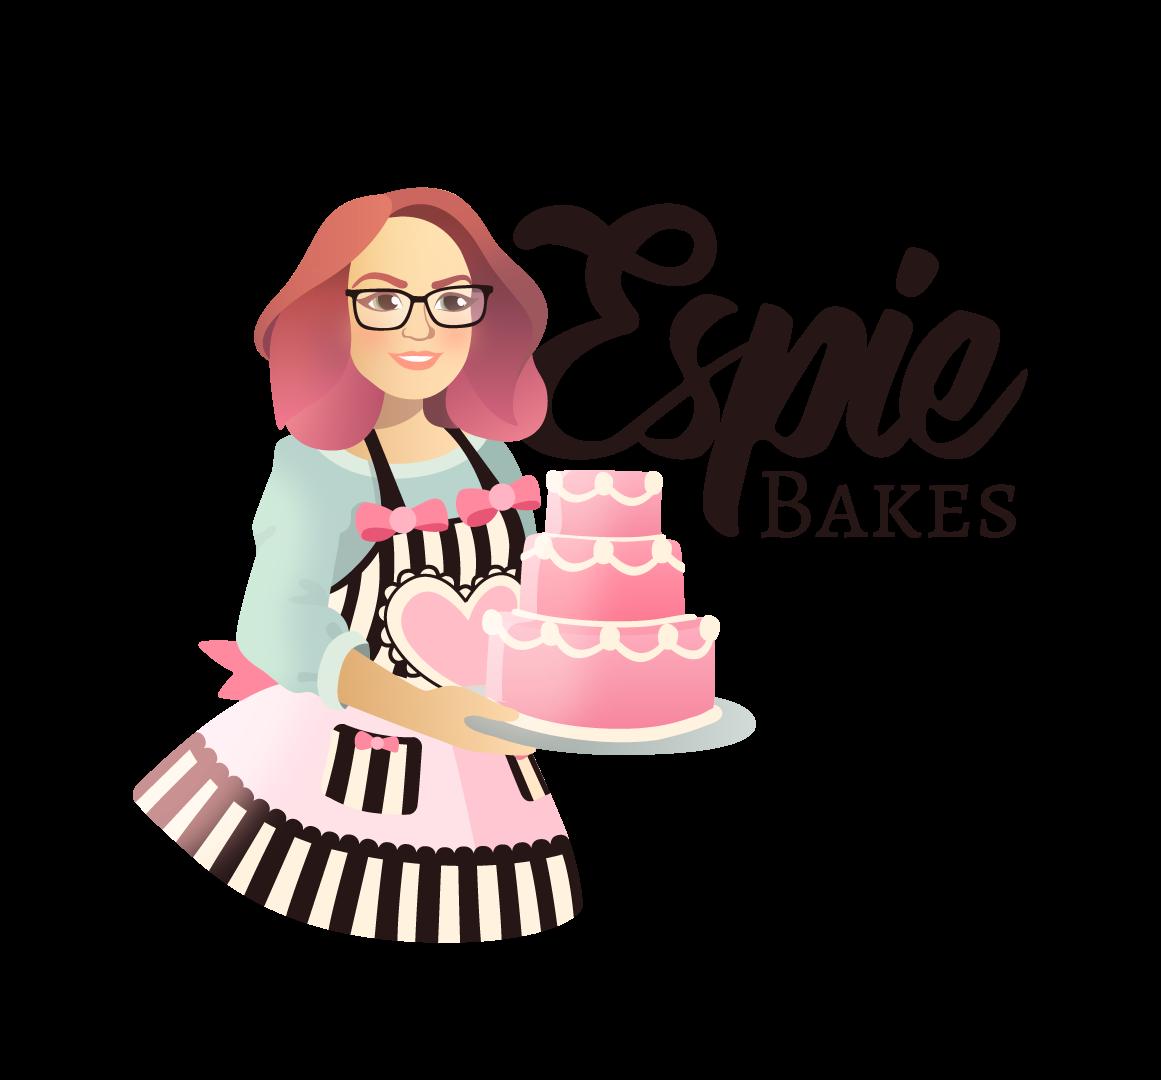 Espie-Bakes_Logo-Design1.png